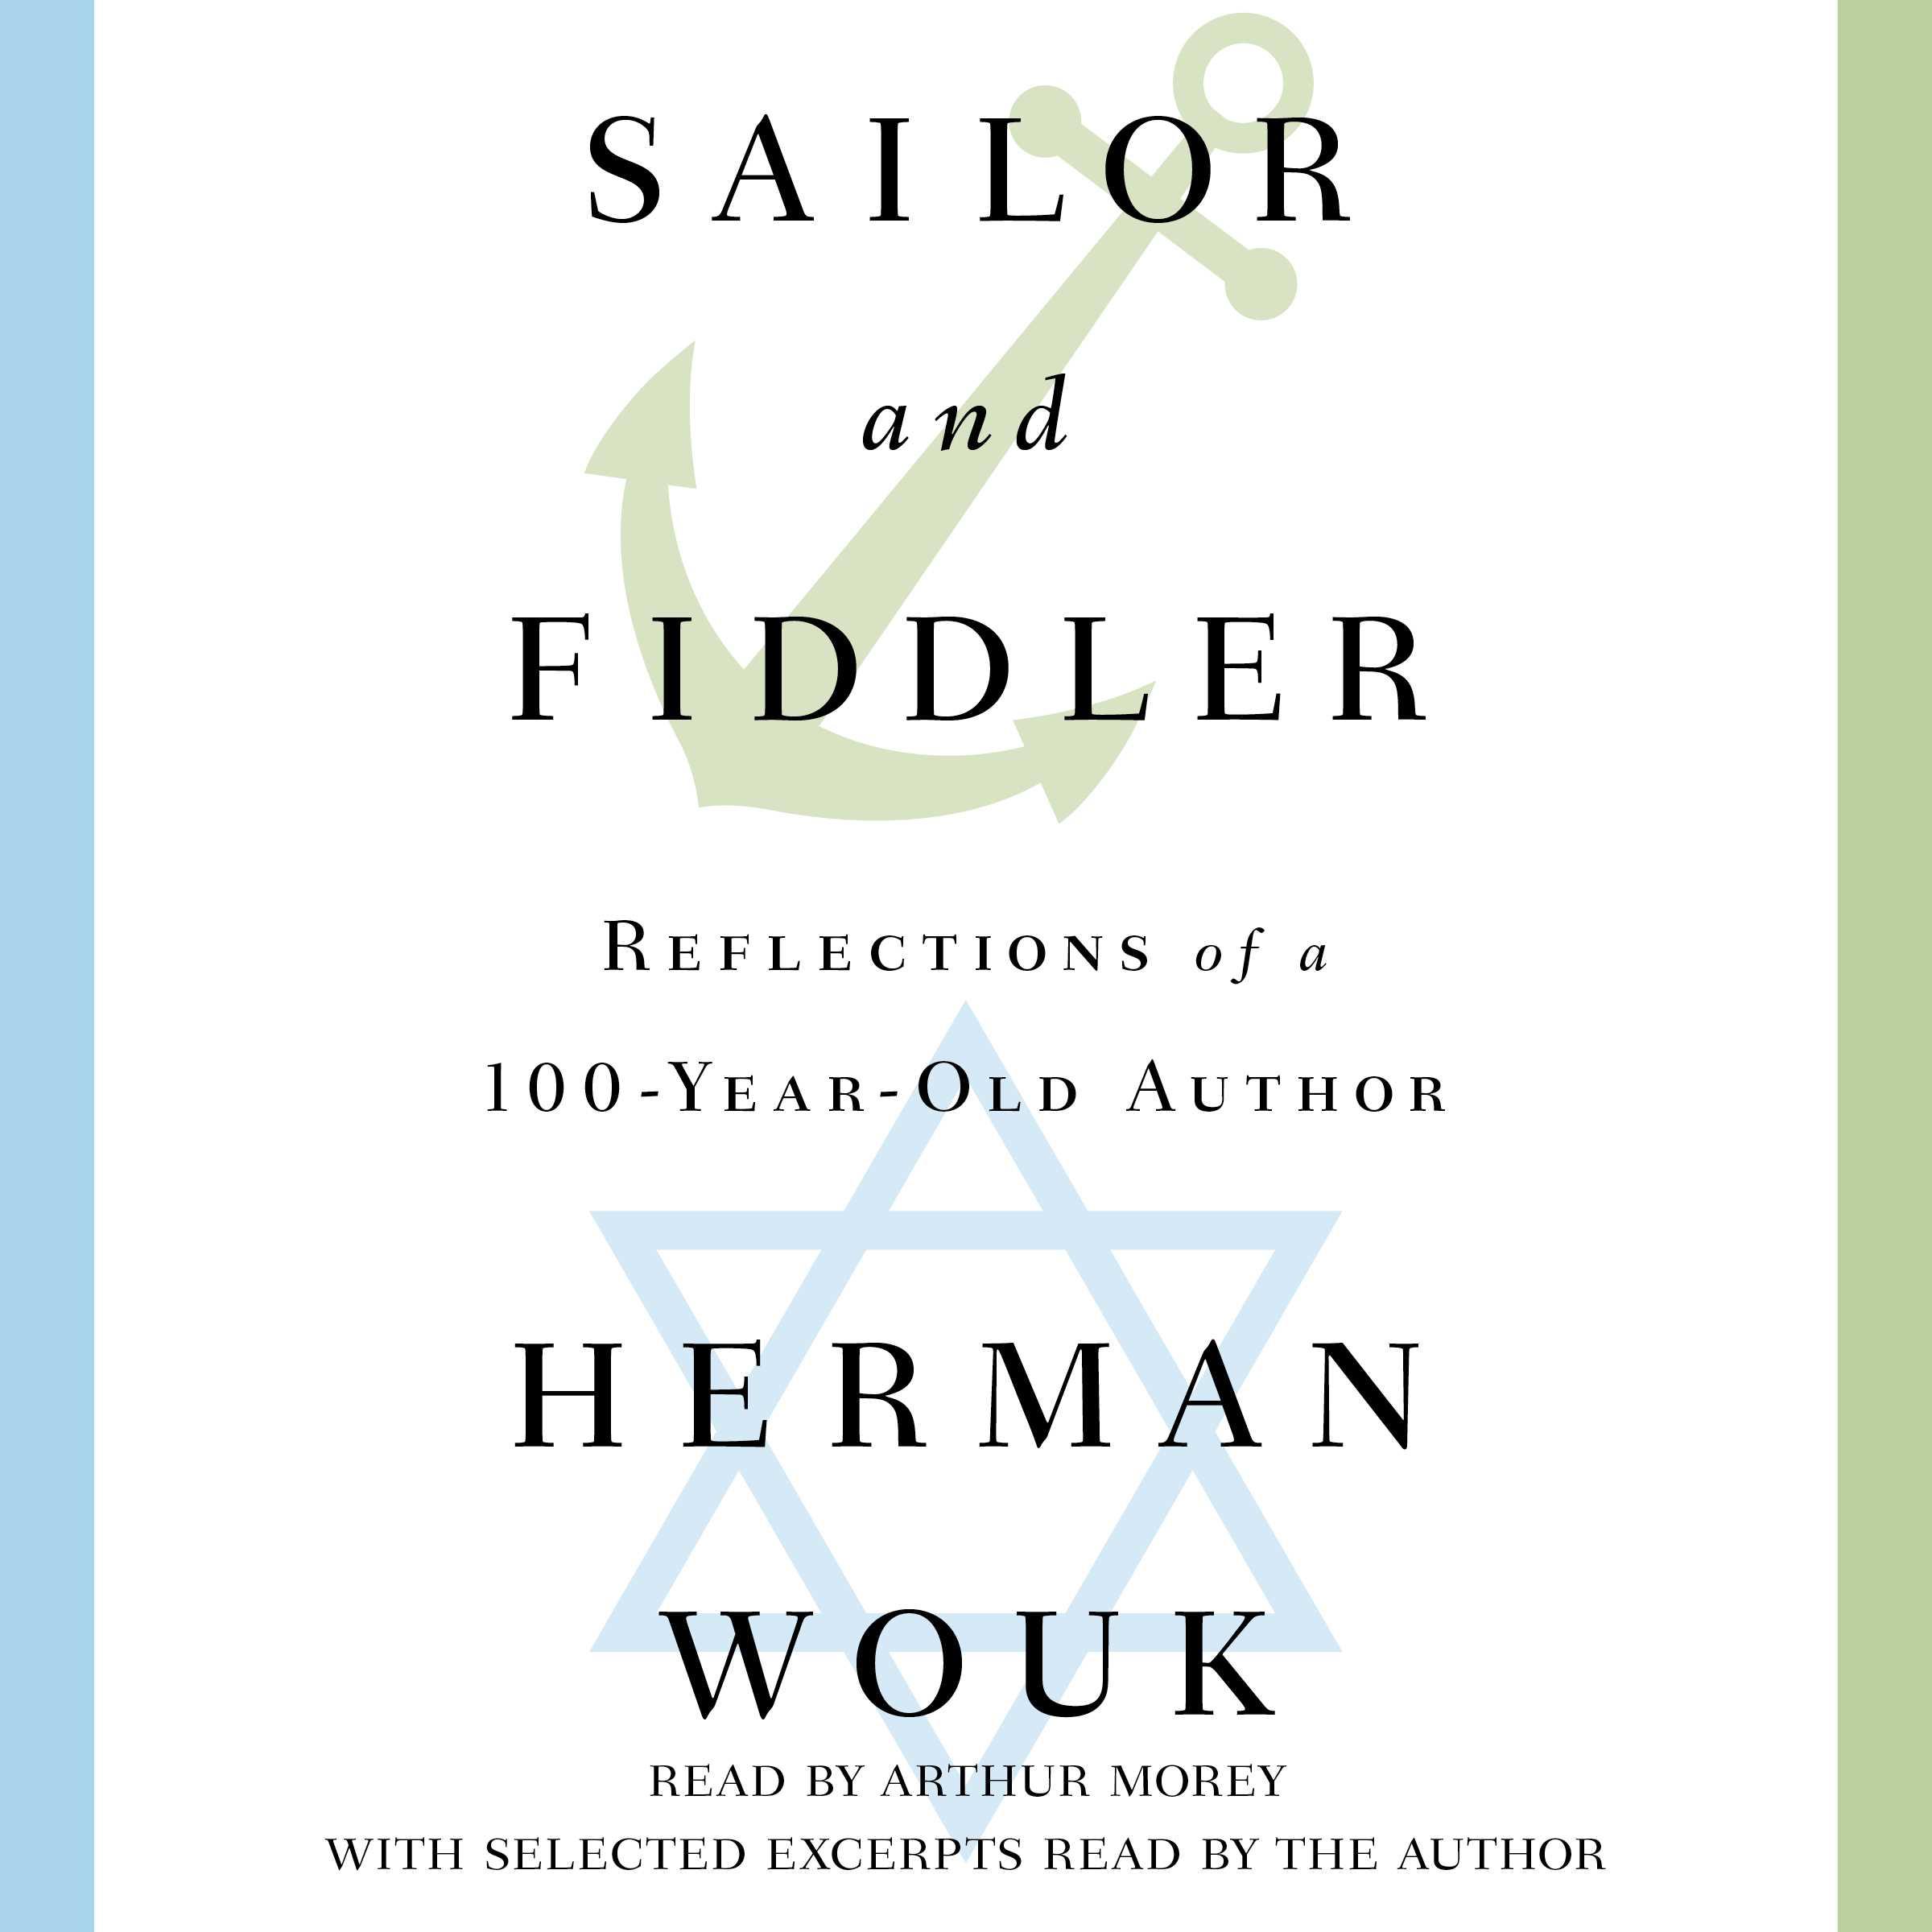 Sailor and fiddler 9781508214816 hr